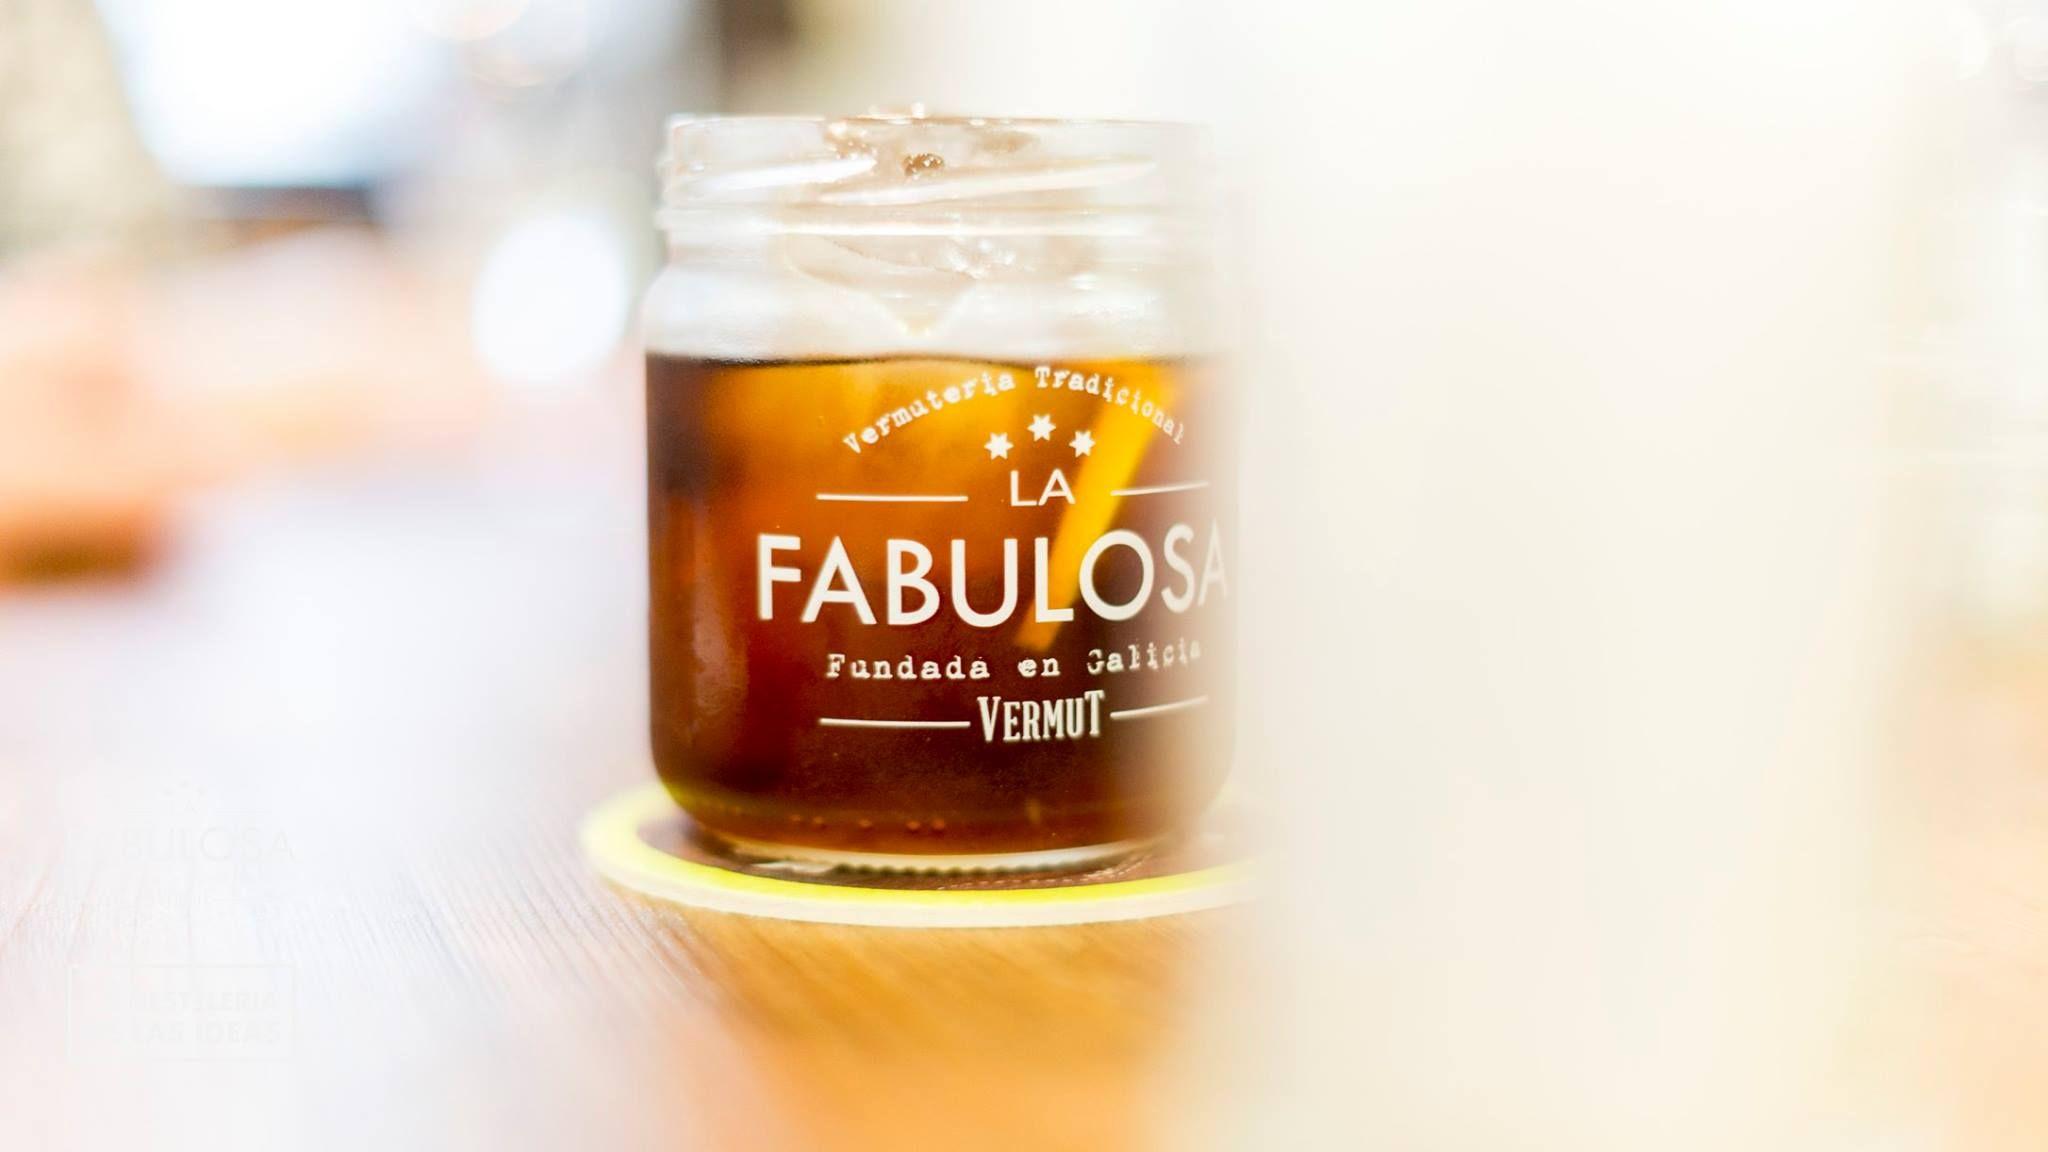 Vermut La Fabulosa